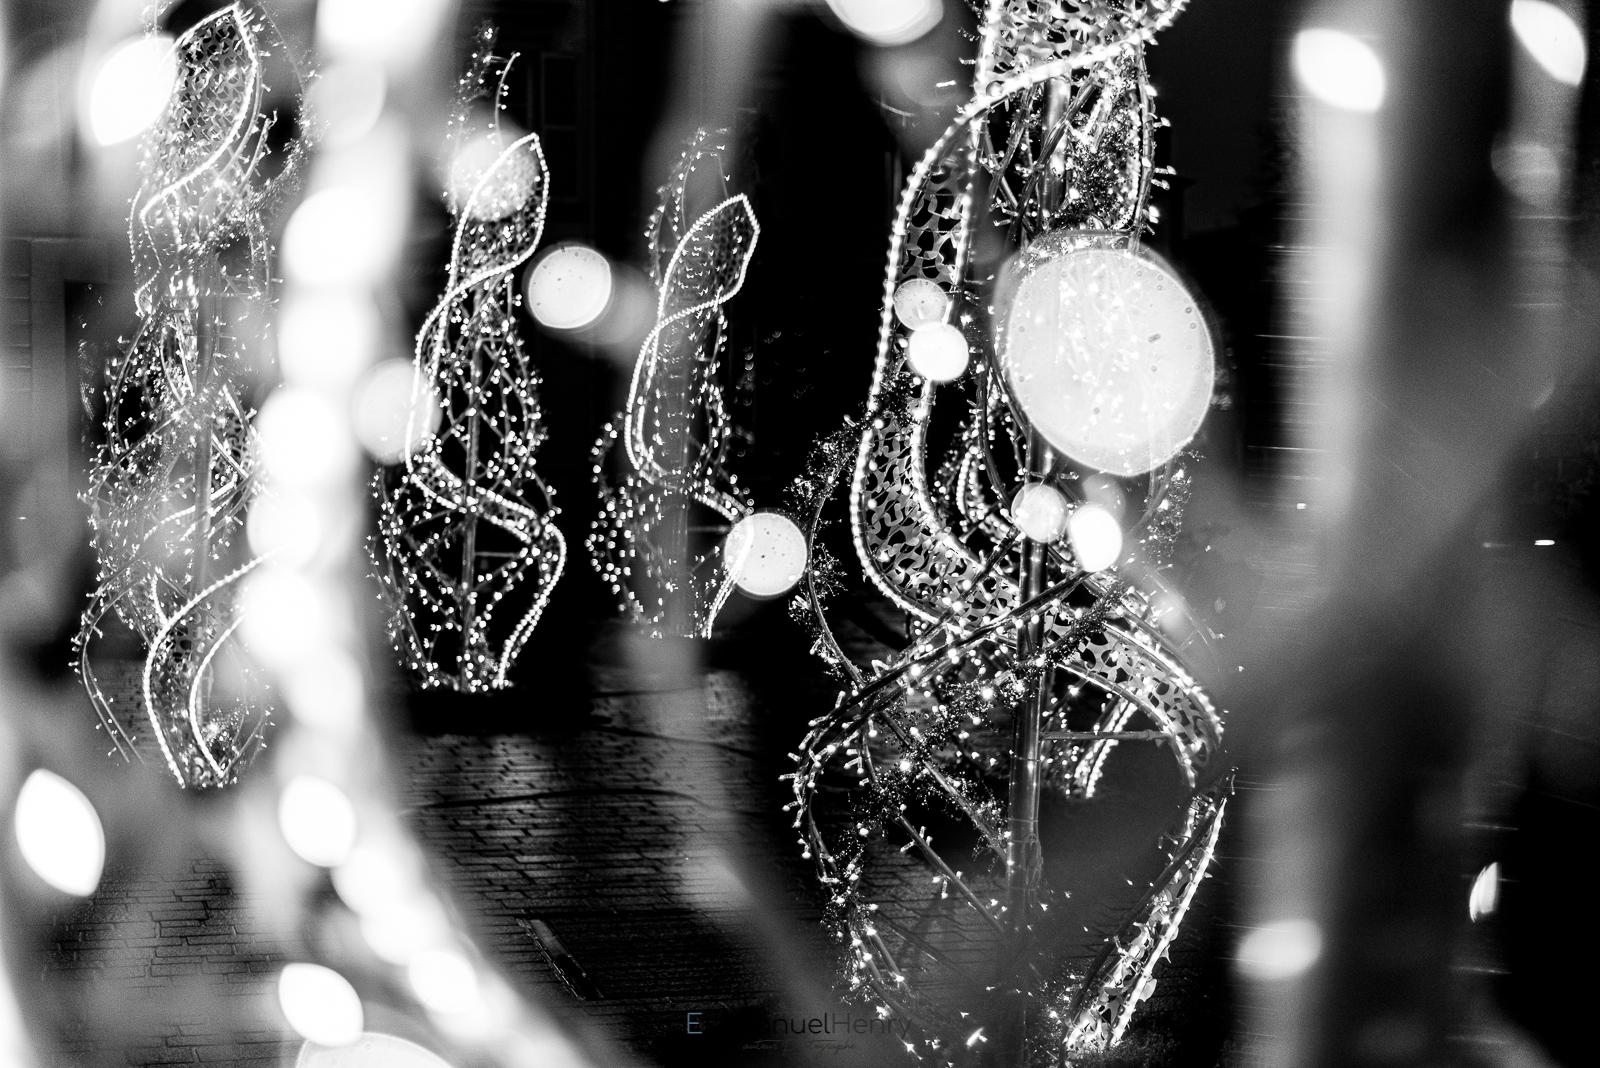 Lumières spinaliennes - 06